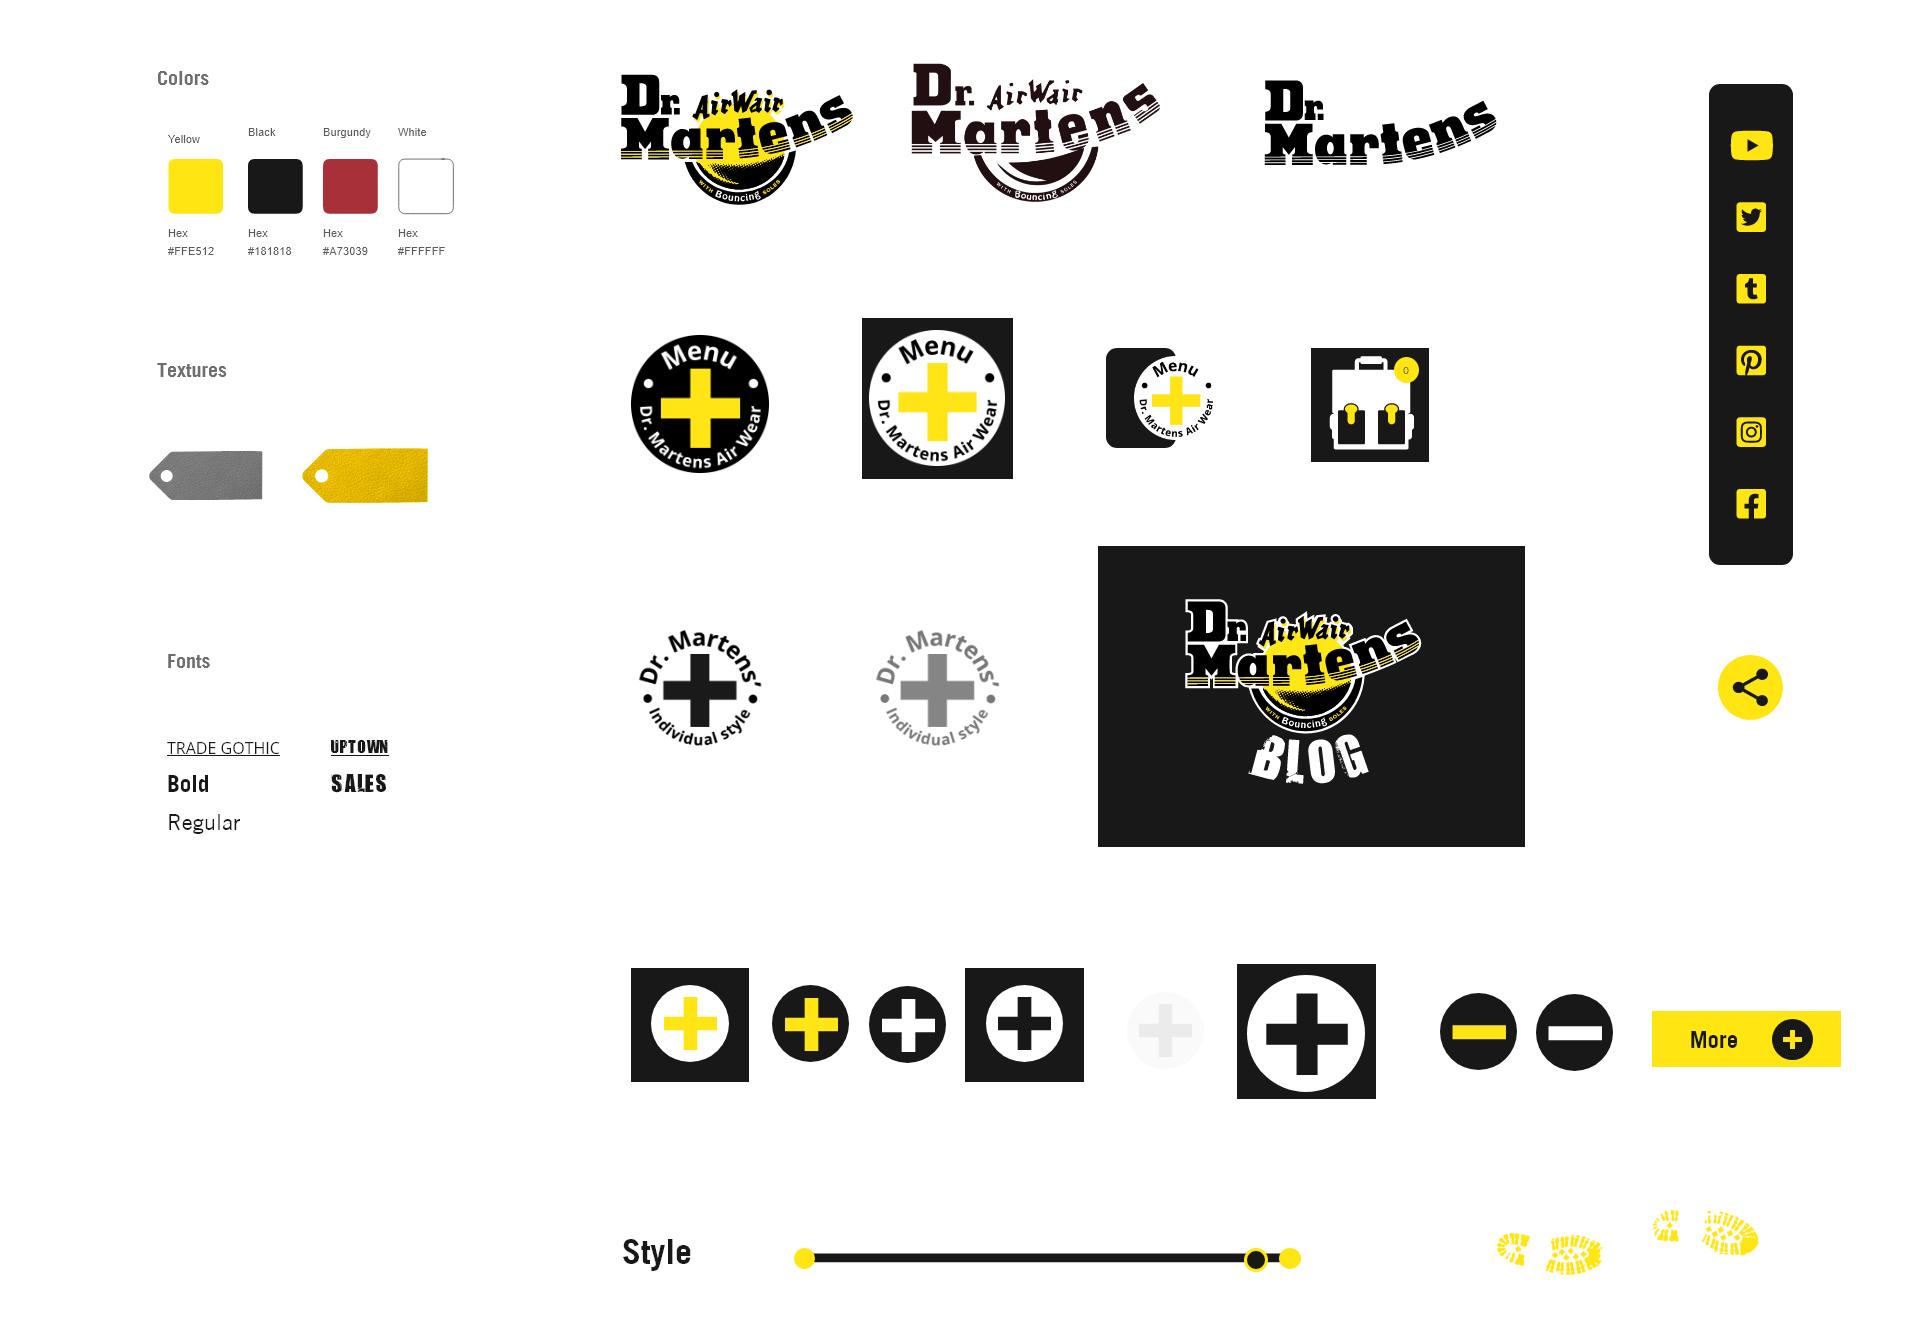 Typo couleurs icones refonte de site Dr Martens